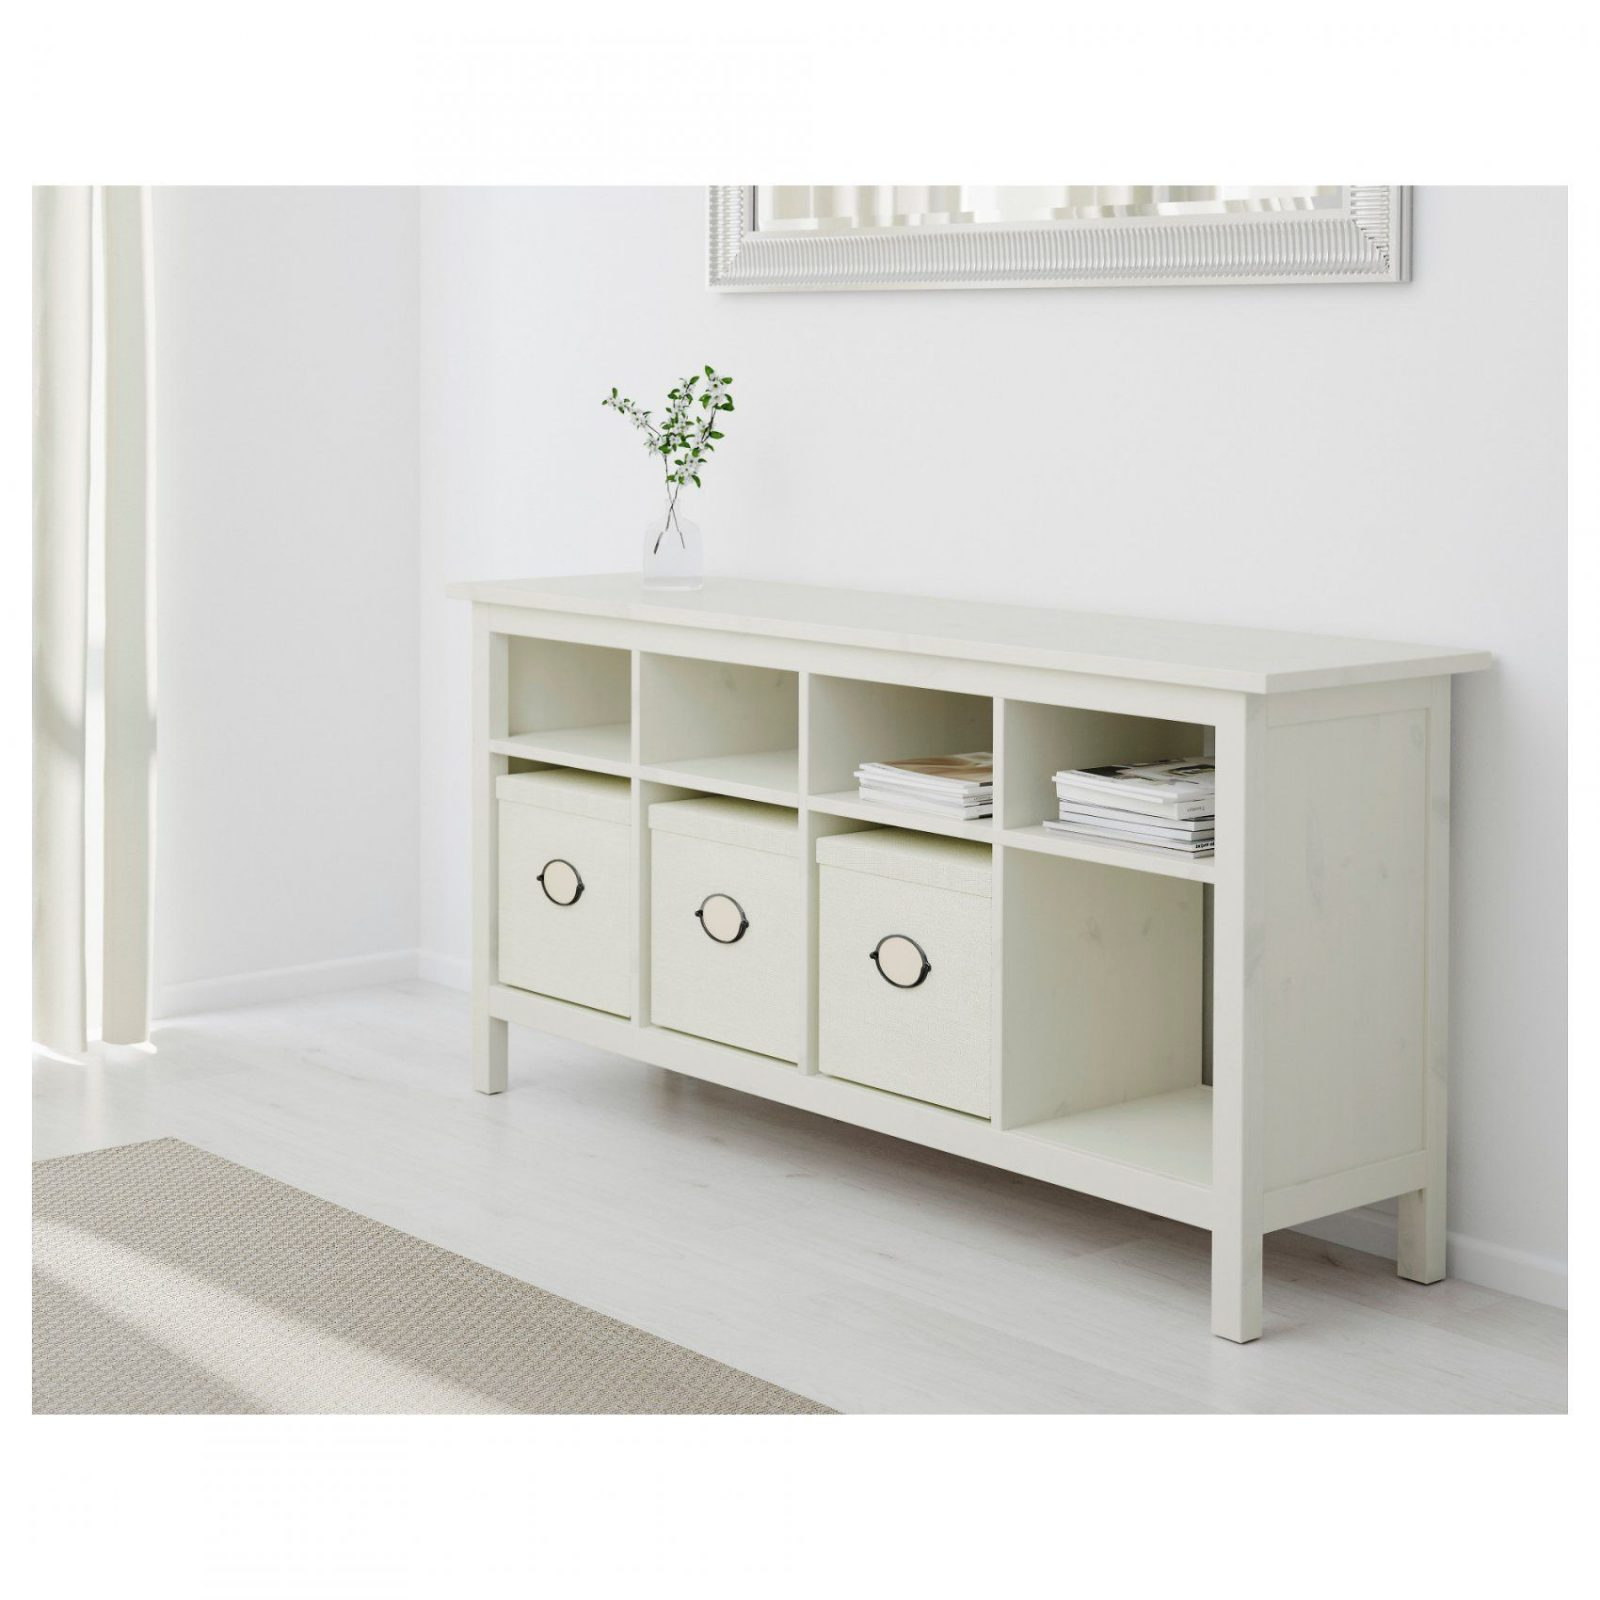 Sideboards Ikea Sideboard Storage Storage Cabinets With Doors von Sideboard Mit Schiebetüren Ikea Bild